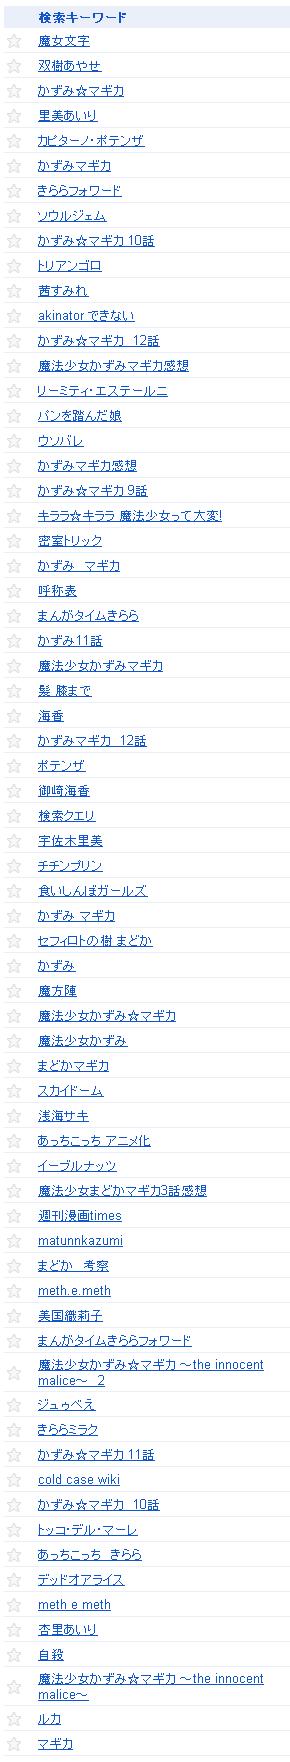 2012/01/02の検索クエリ一覧